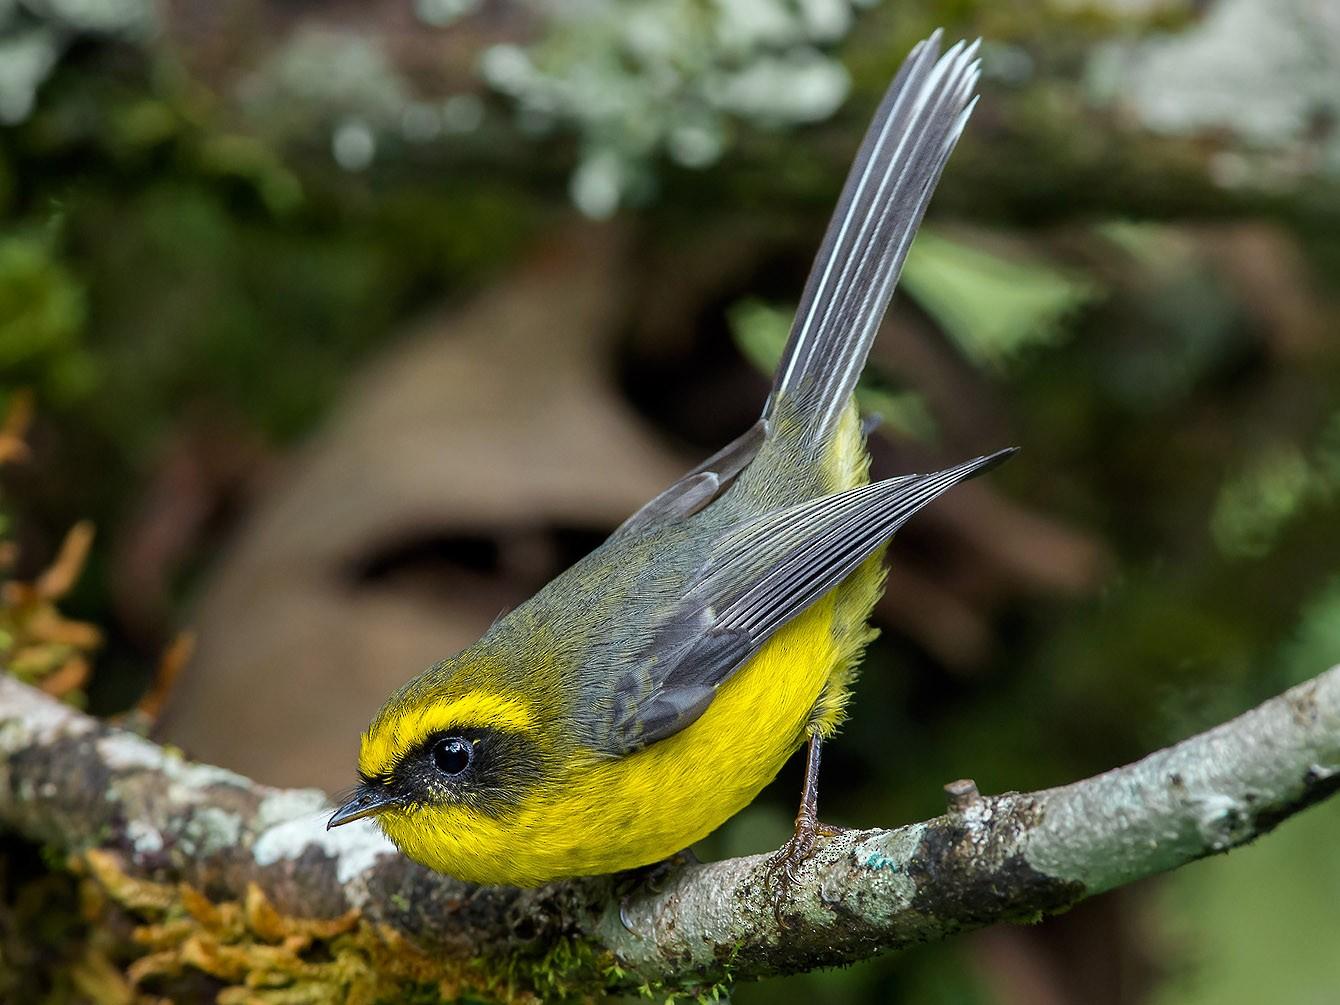 Yellow-bellied Fairy-Fantail - Natthaphat Chotjuckdikul